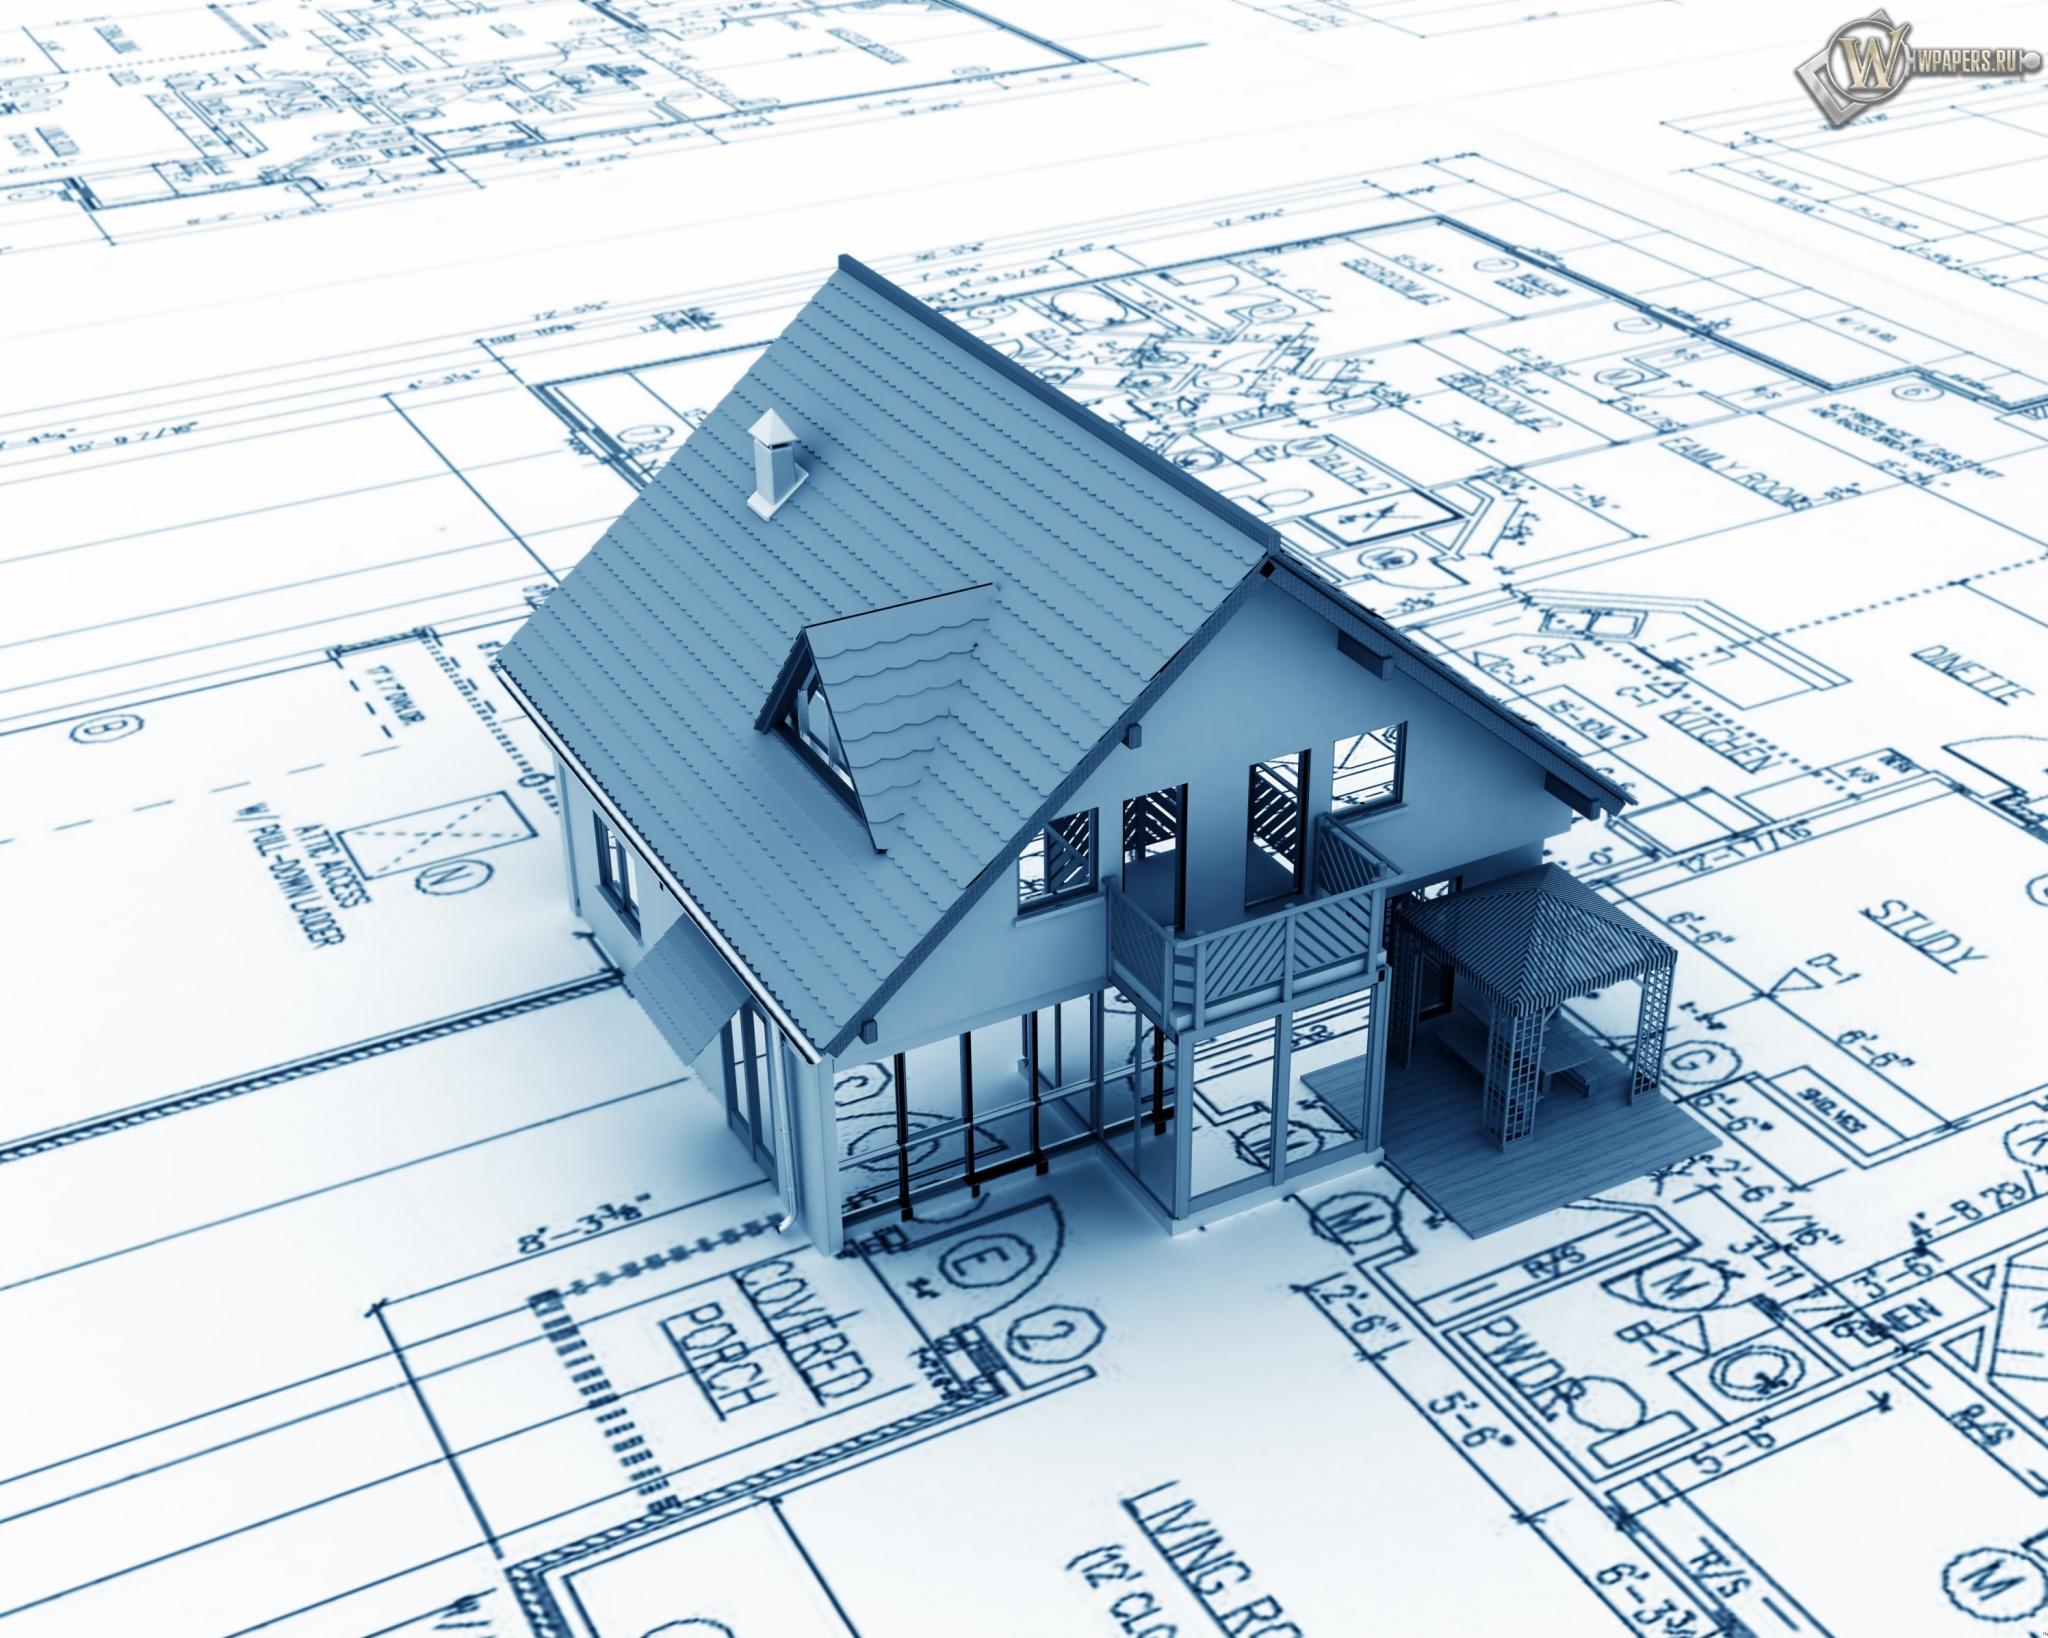 Проект дома 2048x1638